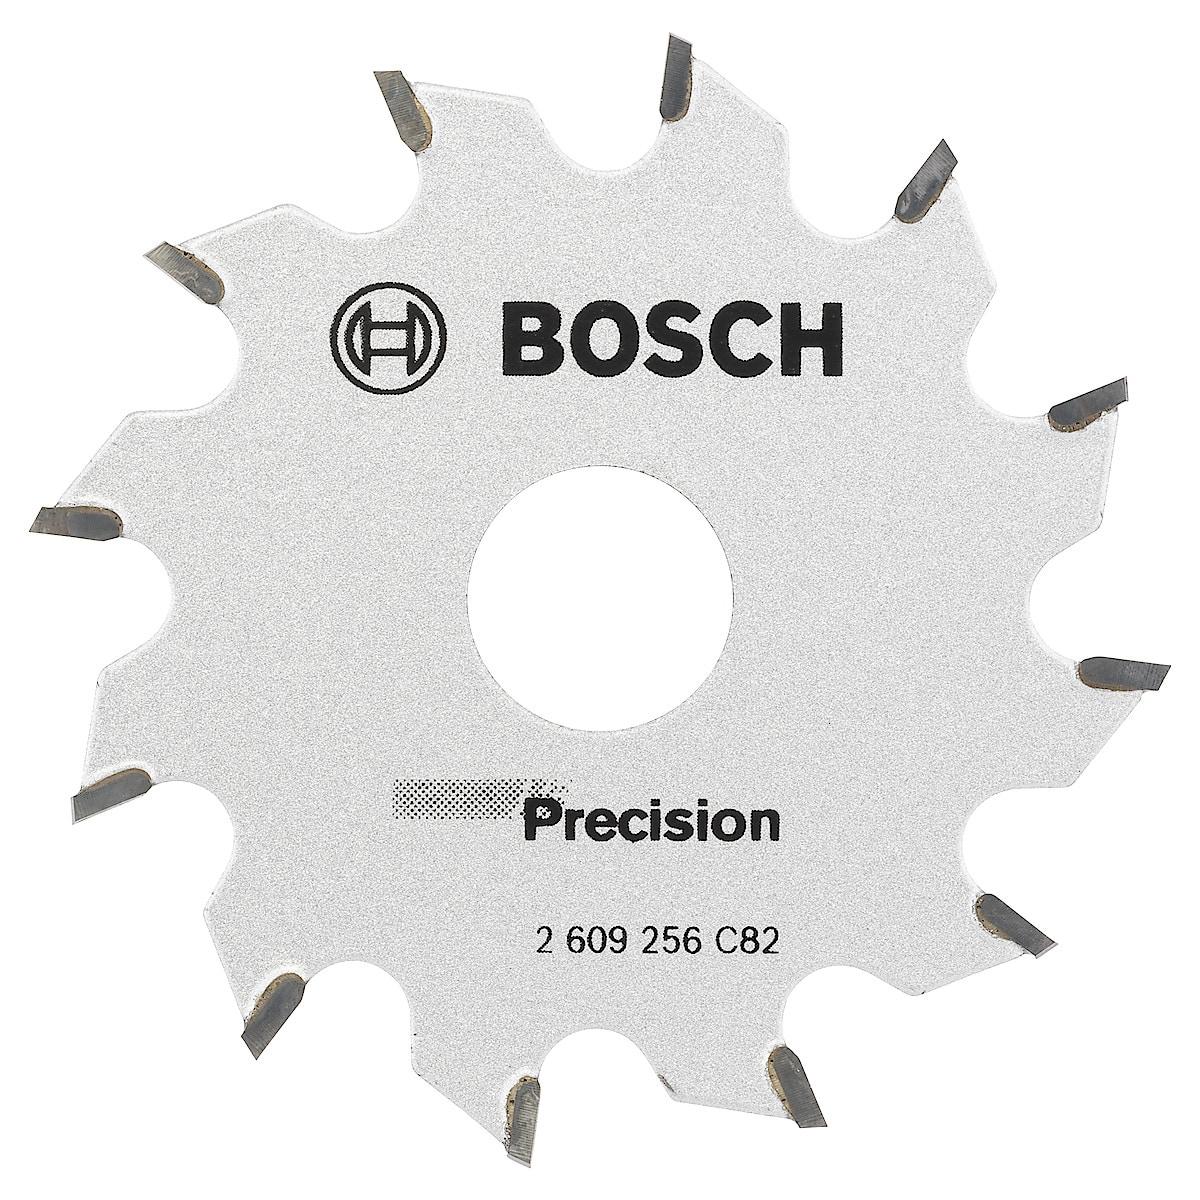 Sågklinga precision till multisåg Bosch PKS16